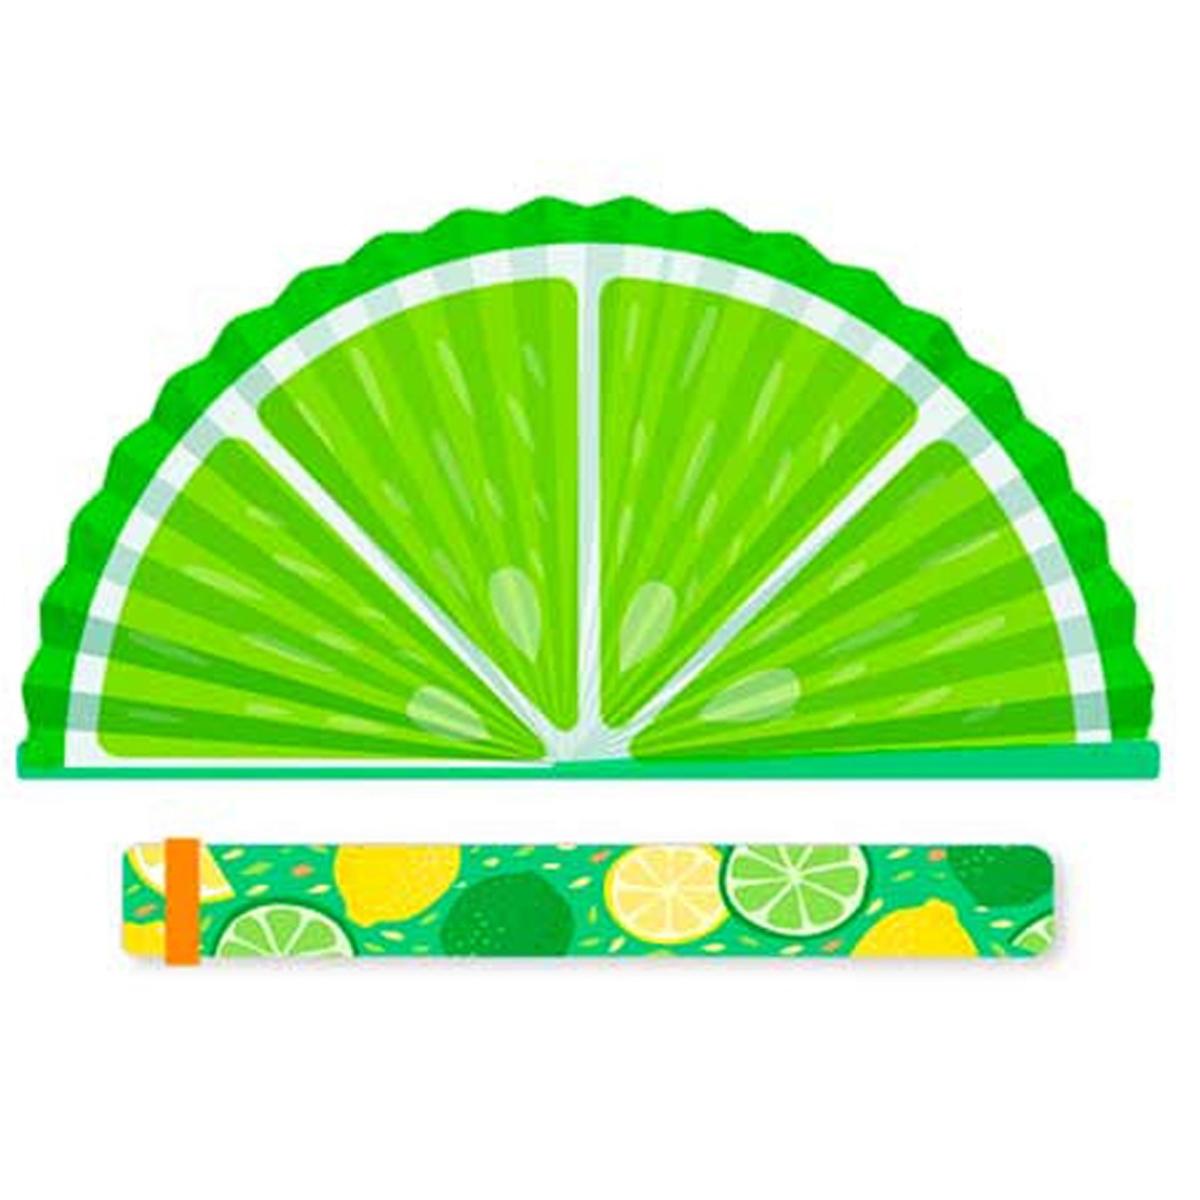 Eventail papier \'Citron Vert\' vert - 19x2 cm - [R2106]